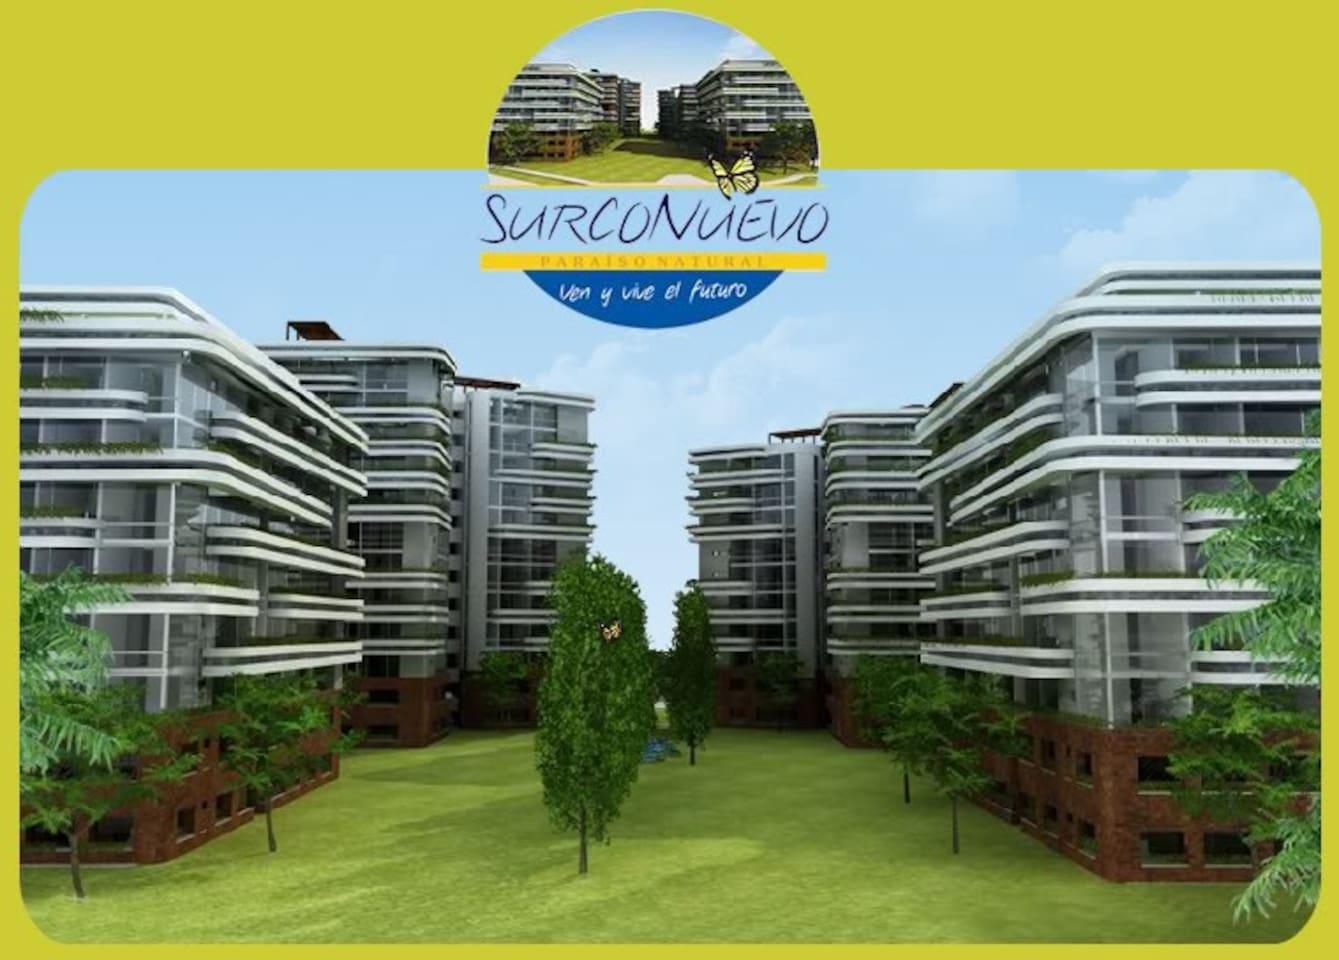 Welcome to Condominio Surco Nuevo!